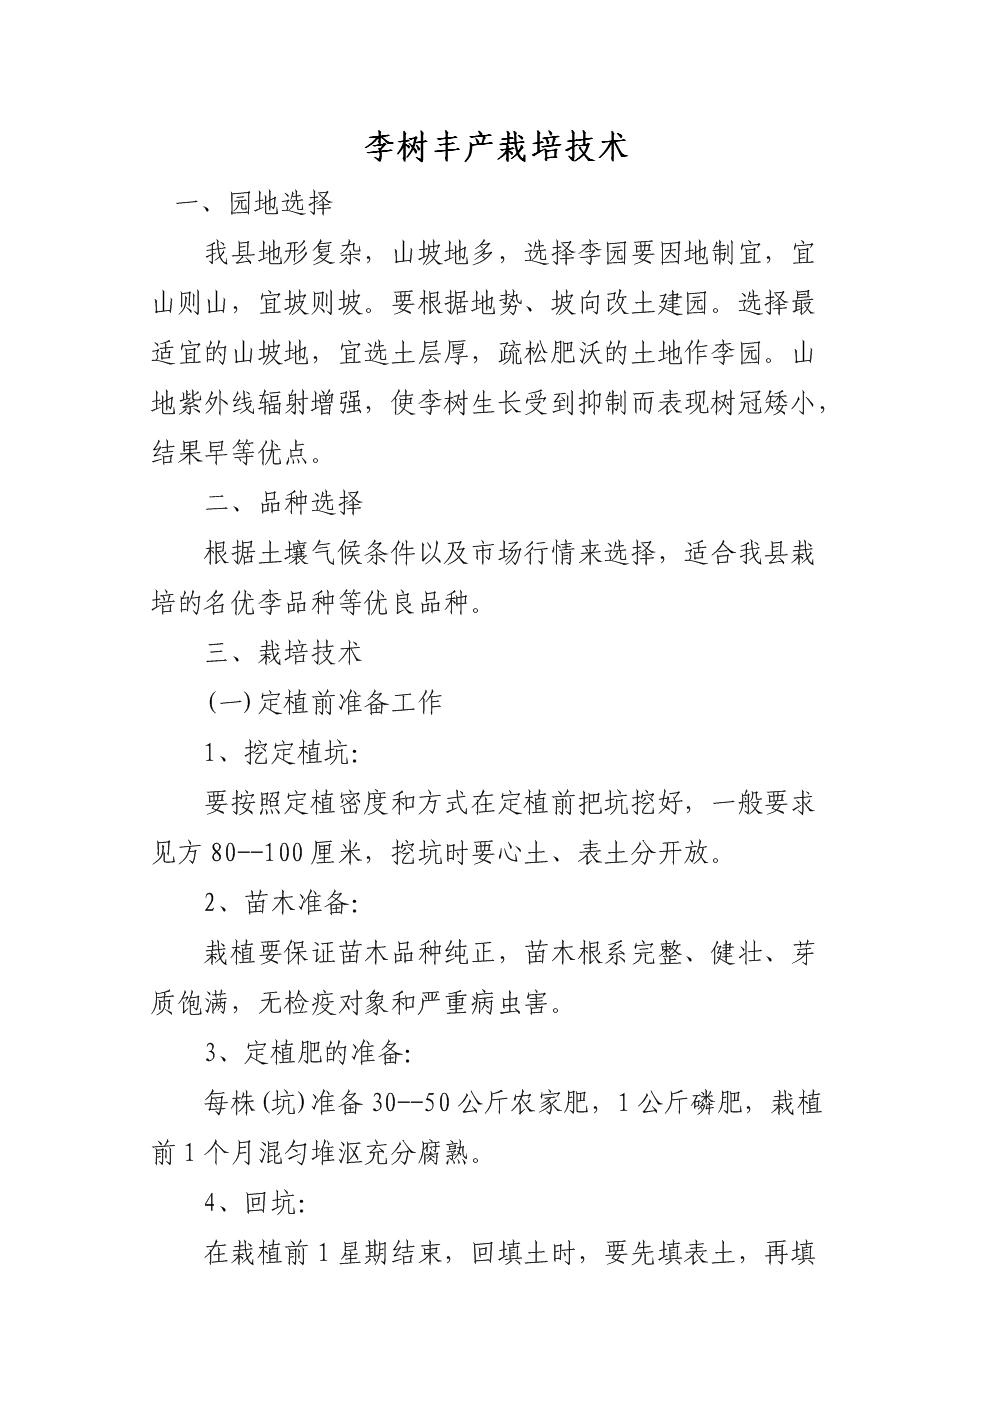 年李树丰产栽培技术..doc